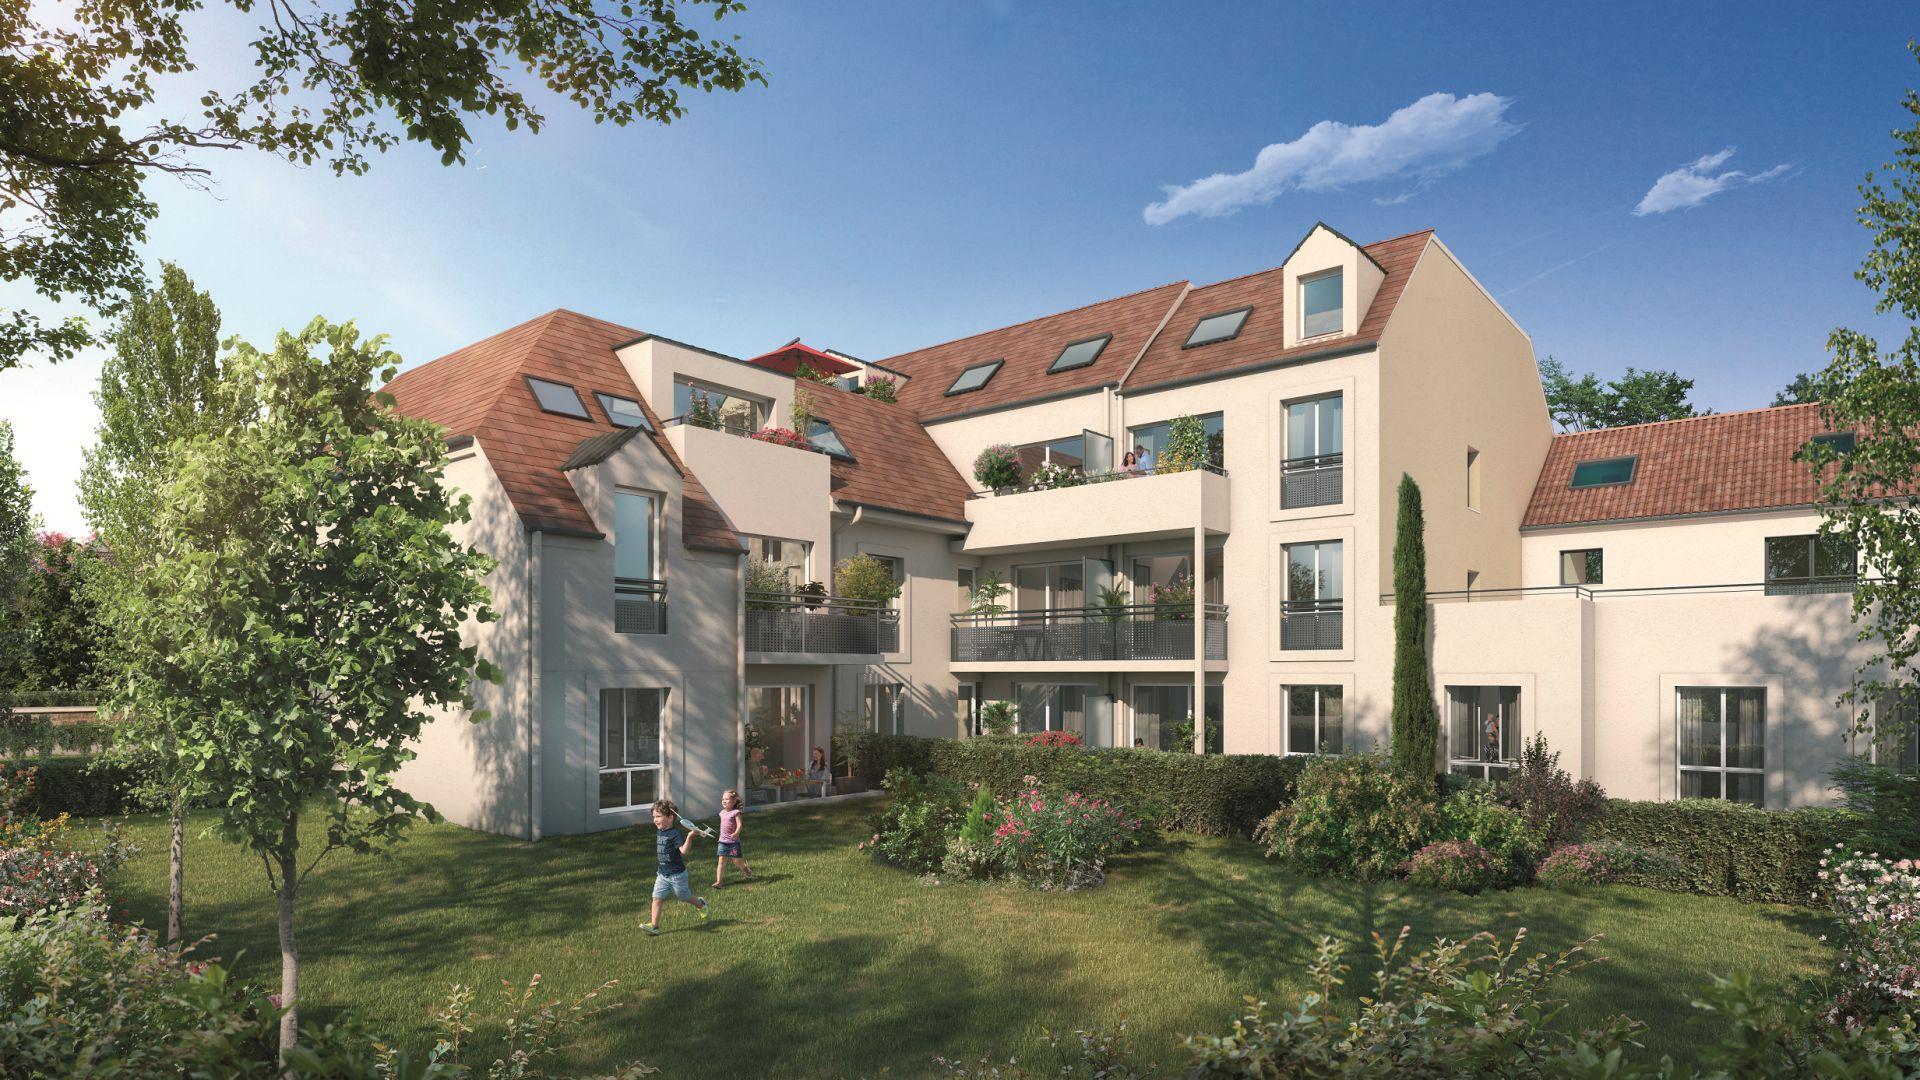 Greencity Immobilier - Le Sisley - achat appartements du T2 au T4 - Pontault-Combault 77340 - vue jardin